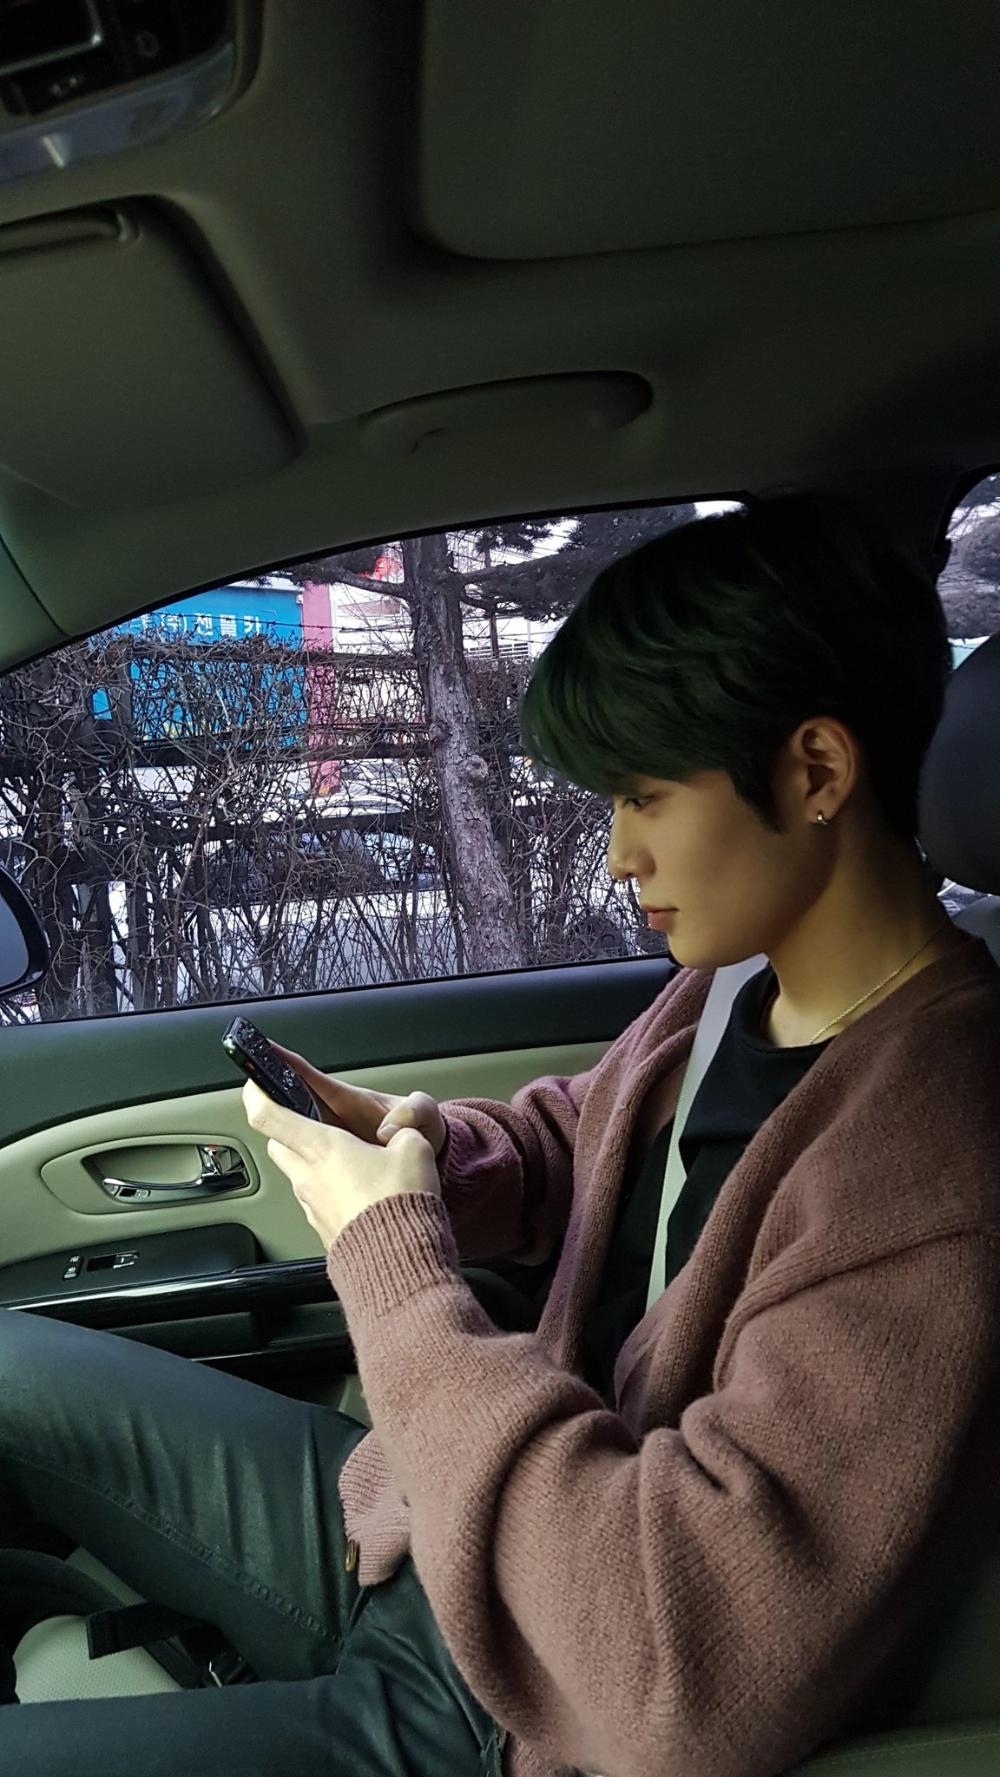 Nct 127 On Twitter In 2020 Jaehyun Nct Jaehyun Nct 127